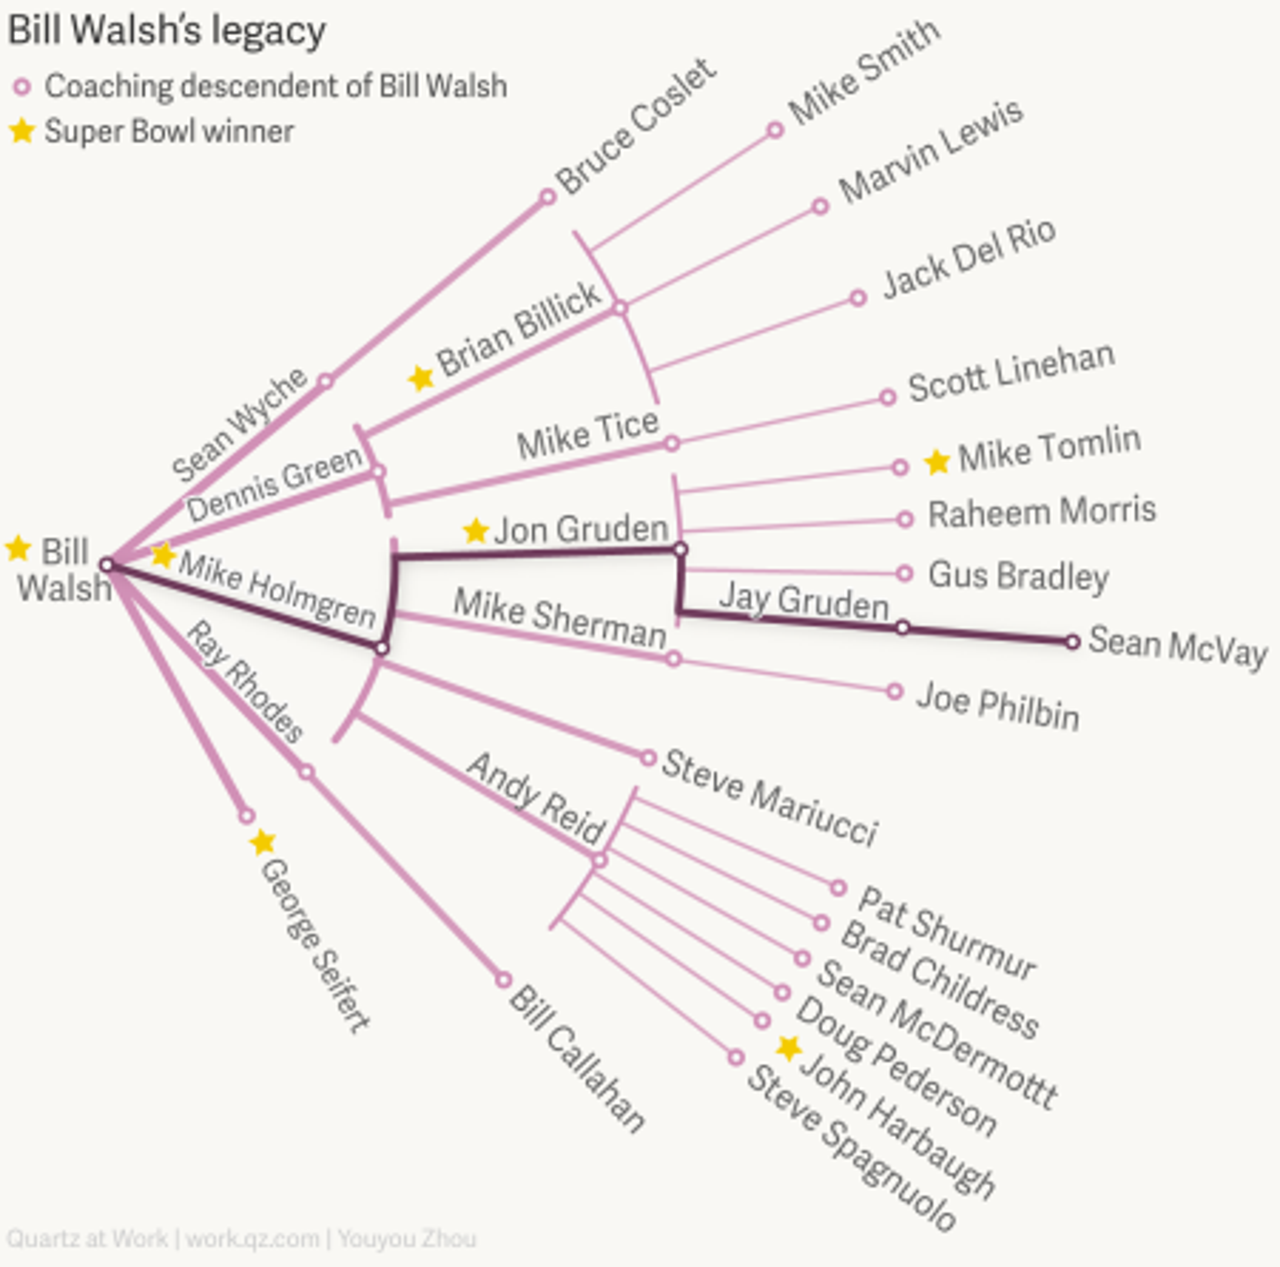 Bill Walsh's coaching legacy